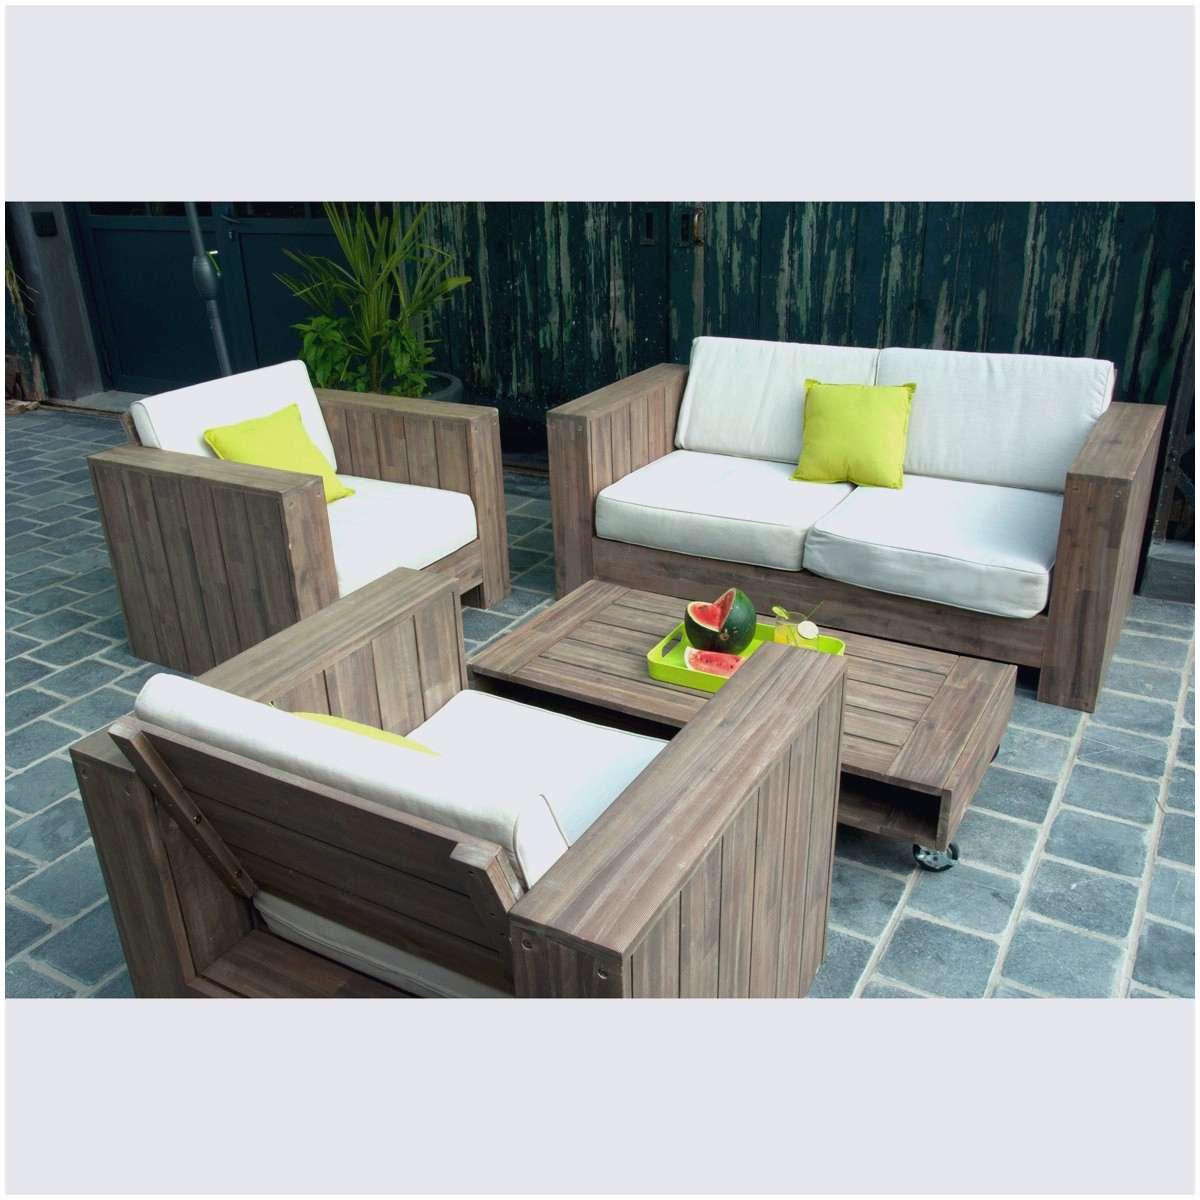 i mobilier jardin i salon de jardin 2018 lovely table de jardin i frais i mobilier de jardin meilleur nouveau i salon de jardin 2018 luxury fauteuil resine elegant chaise oeuf